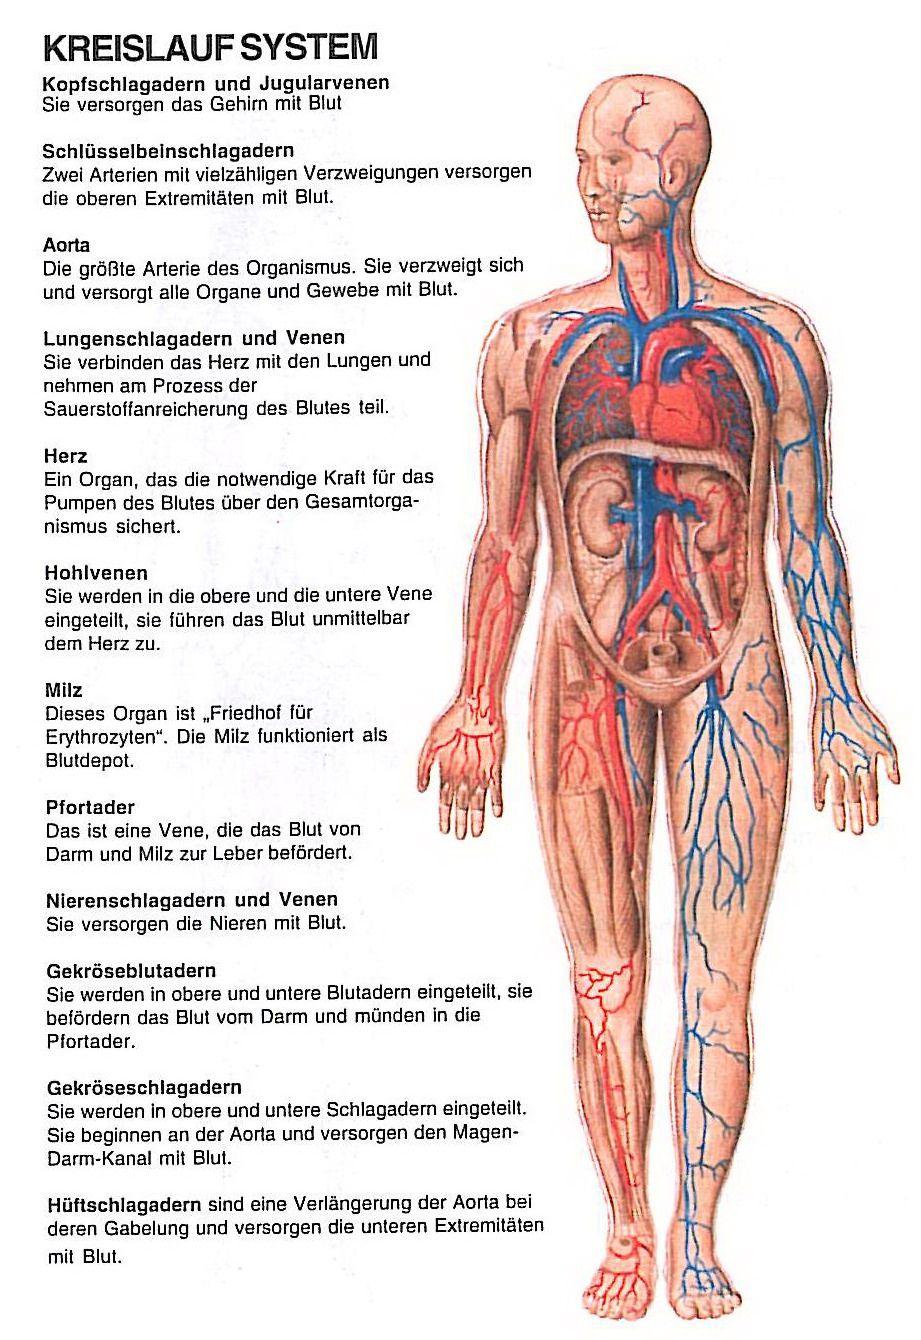 kreislauf | Gesundheit | Pinterest | Kreislauf, Medizin und Gesundheit